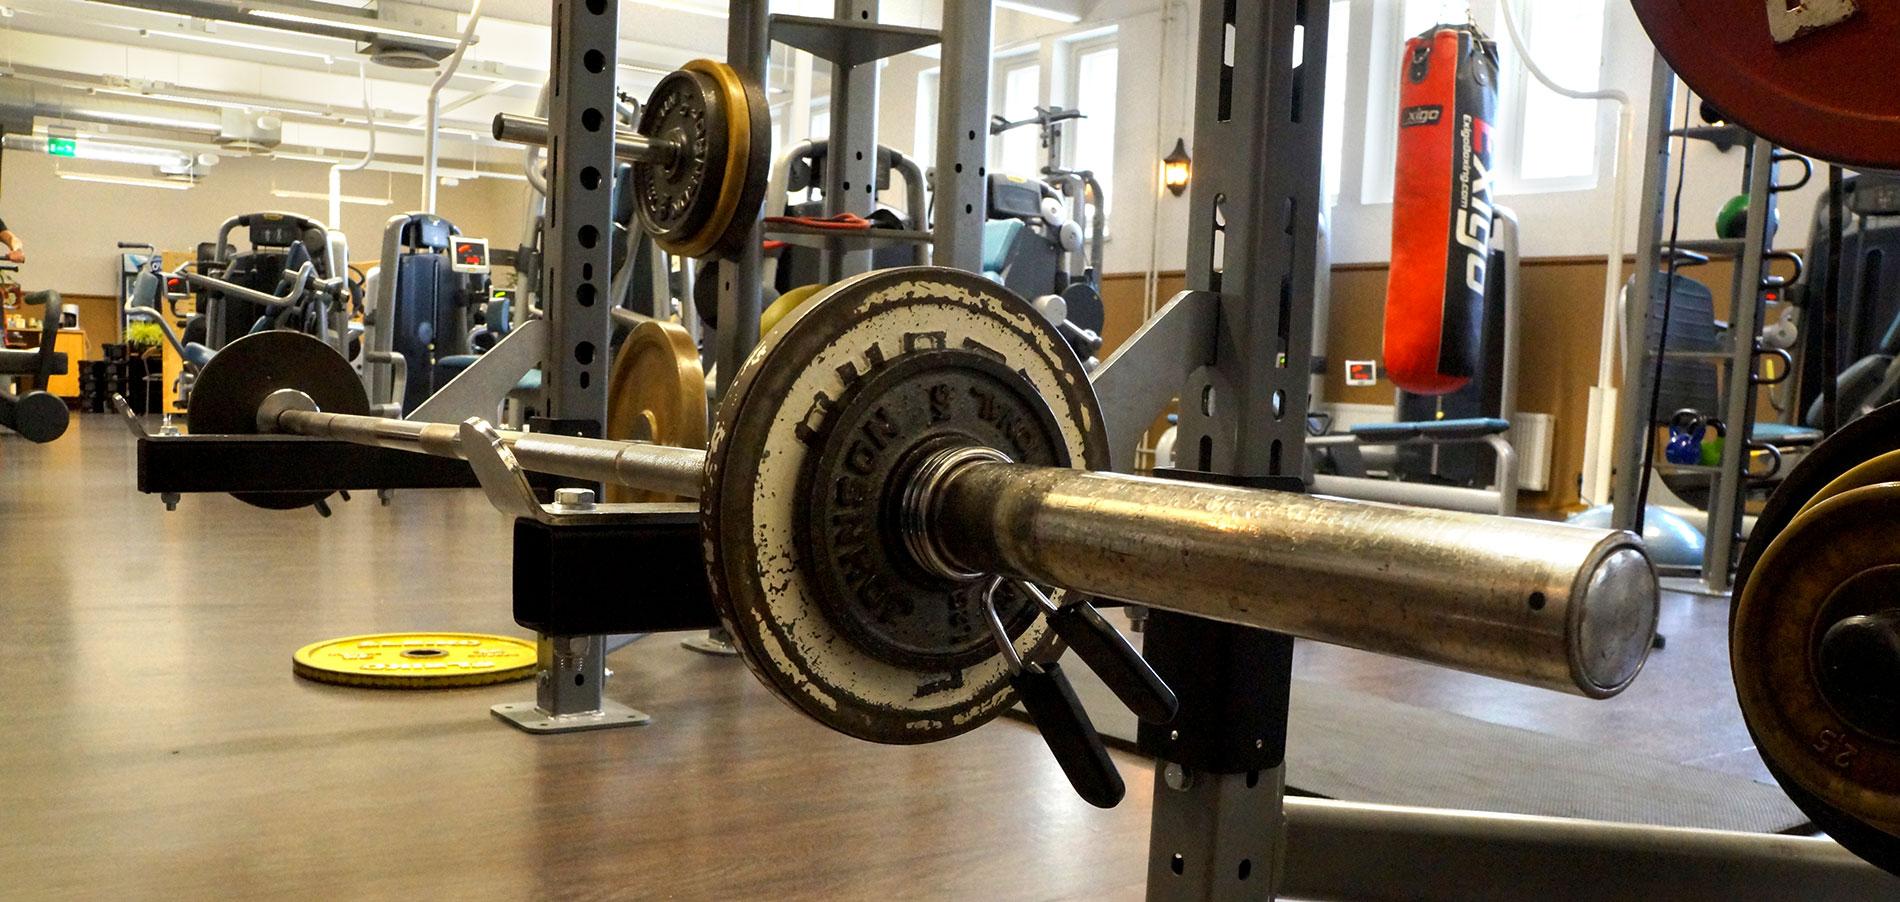 gym_slide-2